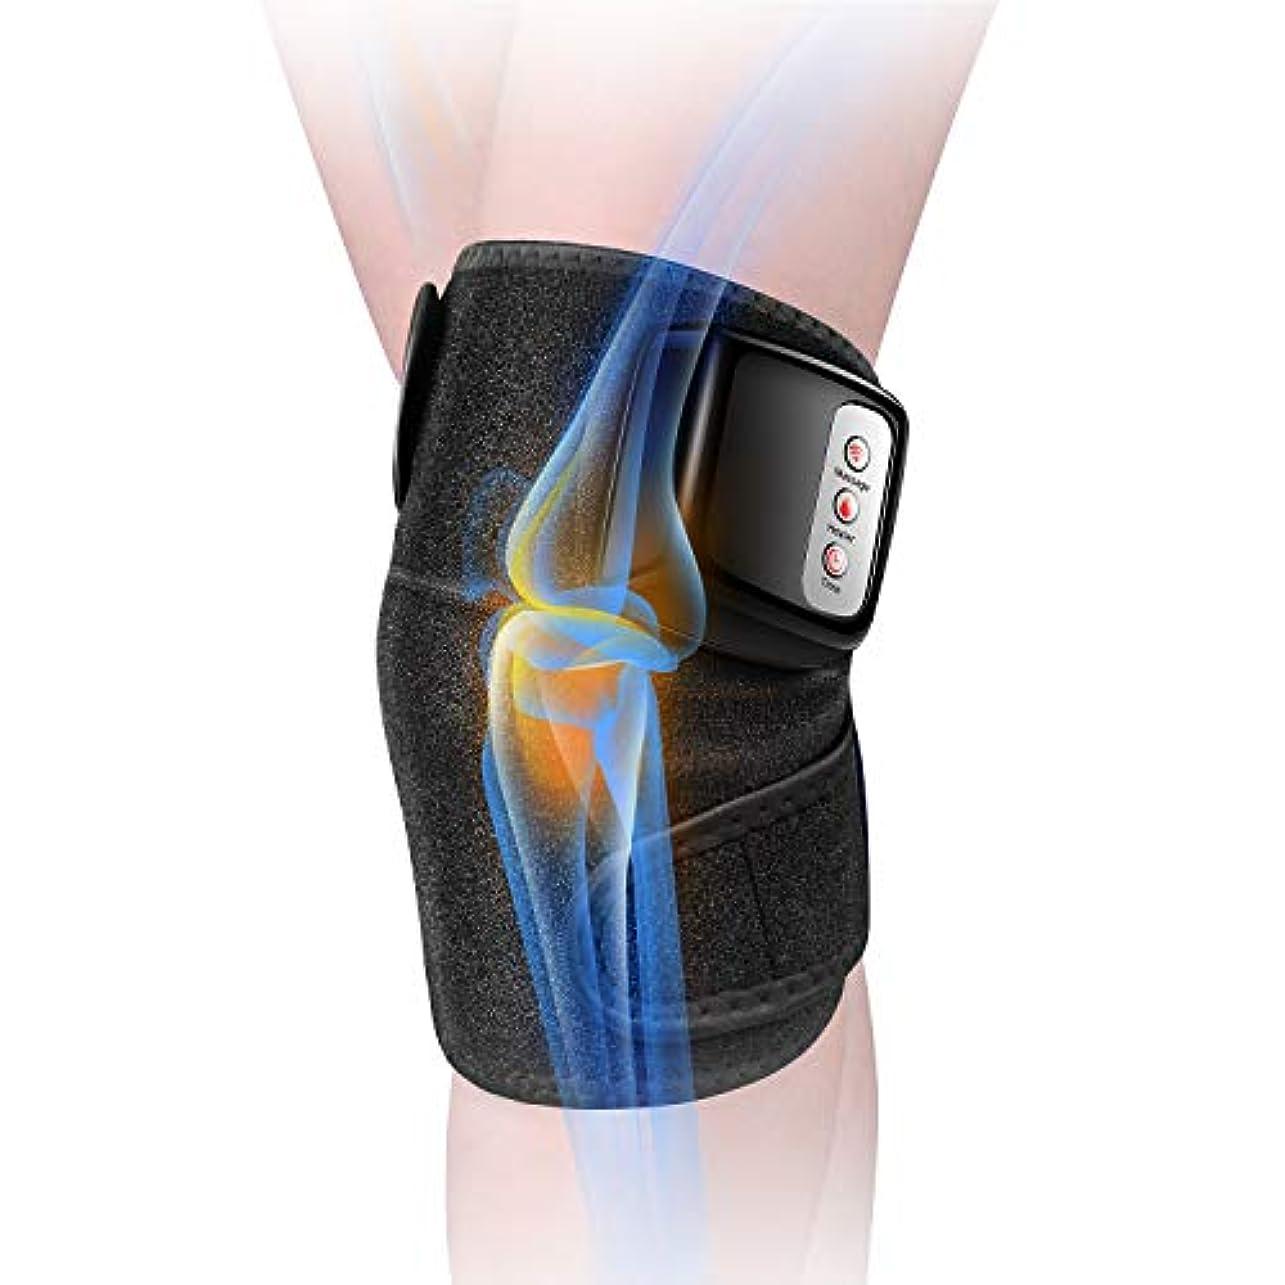 ポスターカール生き物膝マッサージャー 関節マッサージャー マッサージ器 フットマッサージャー 振動 赤外線療法 温熱療法 膝サポーター ストレス解消 肩 太もも/腕対応